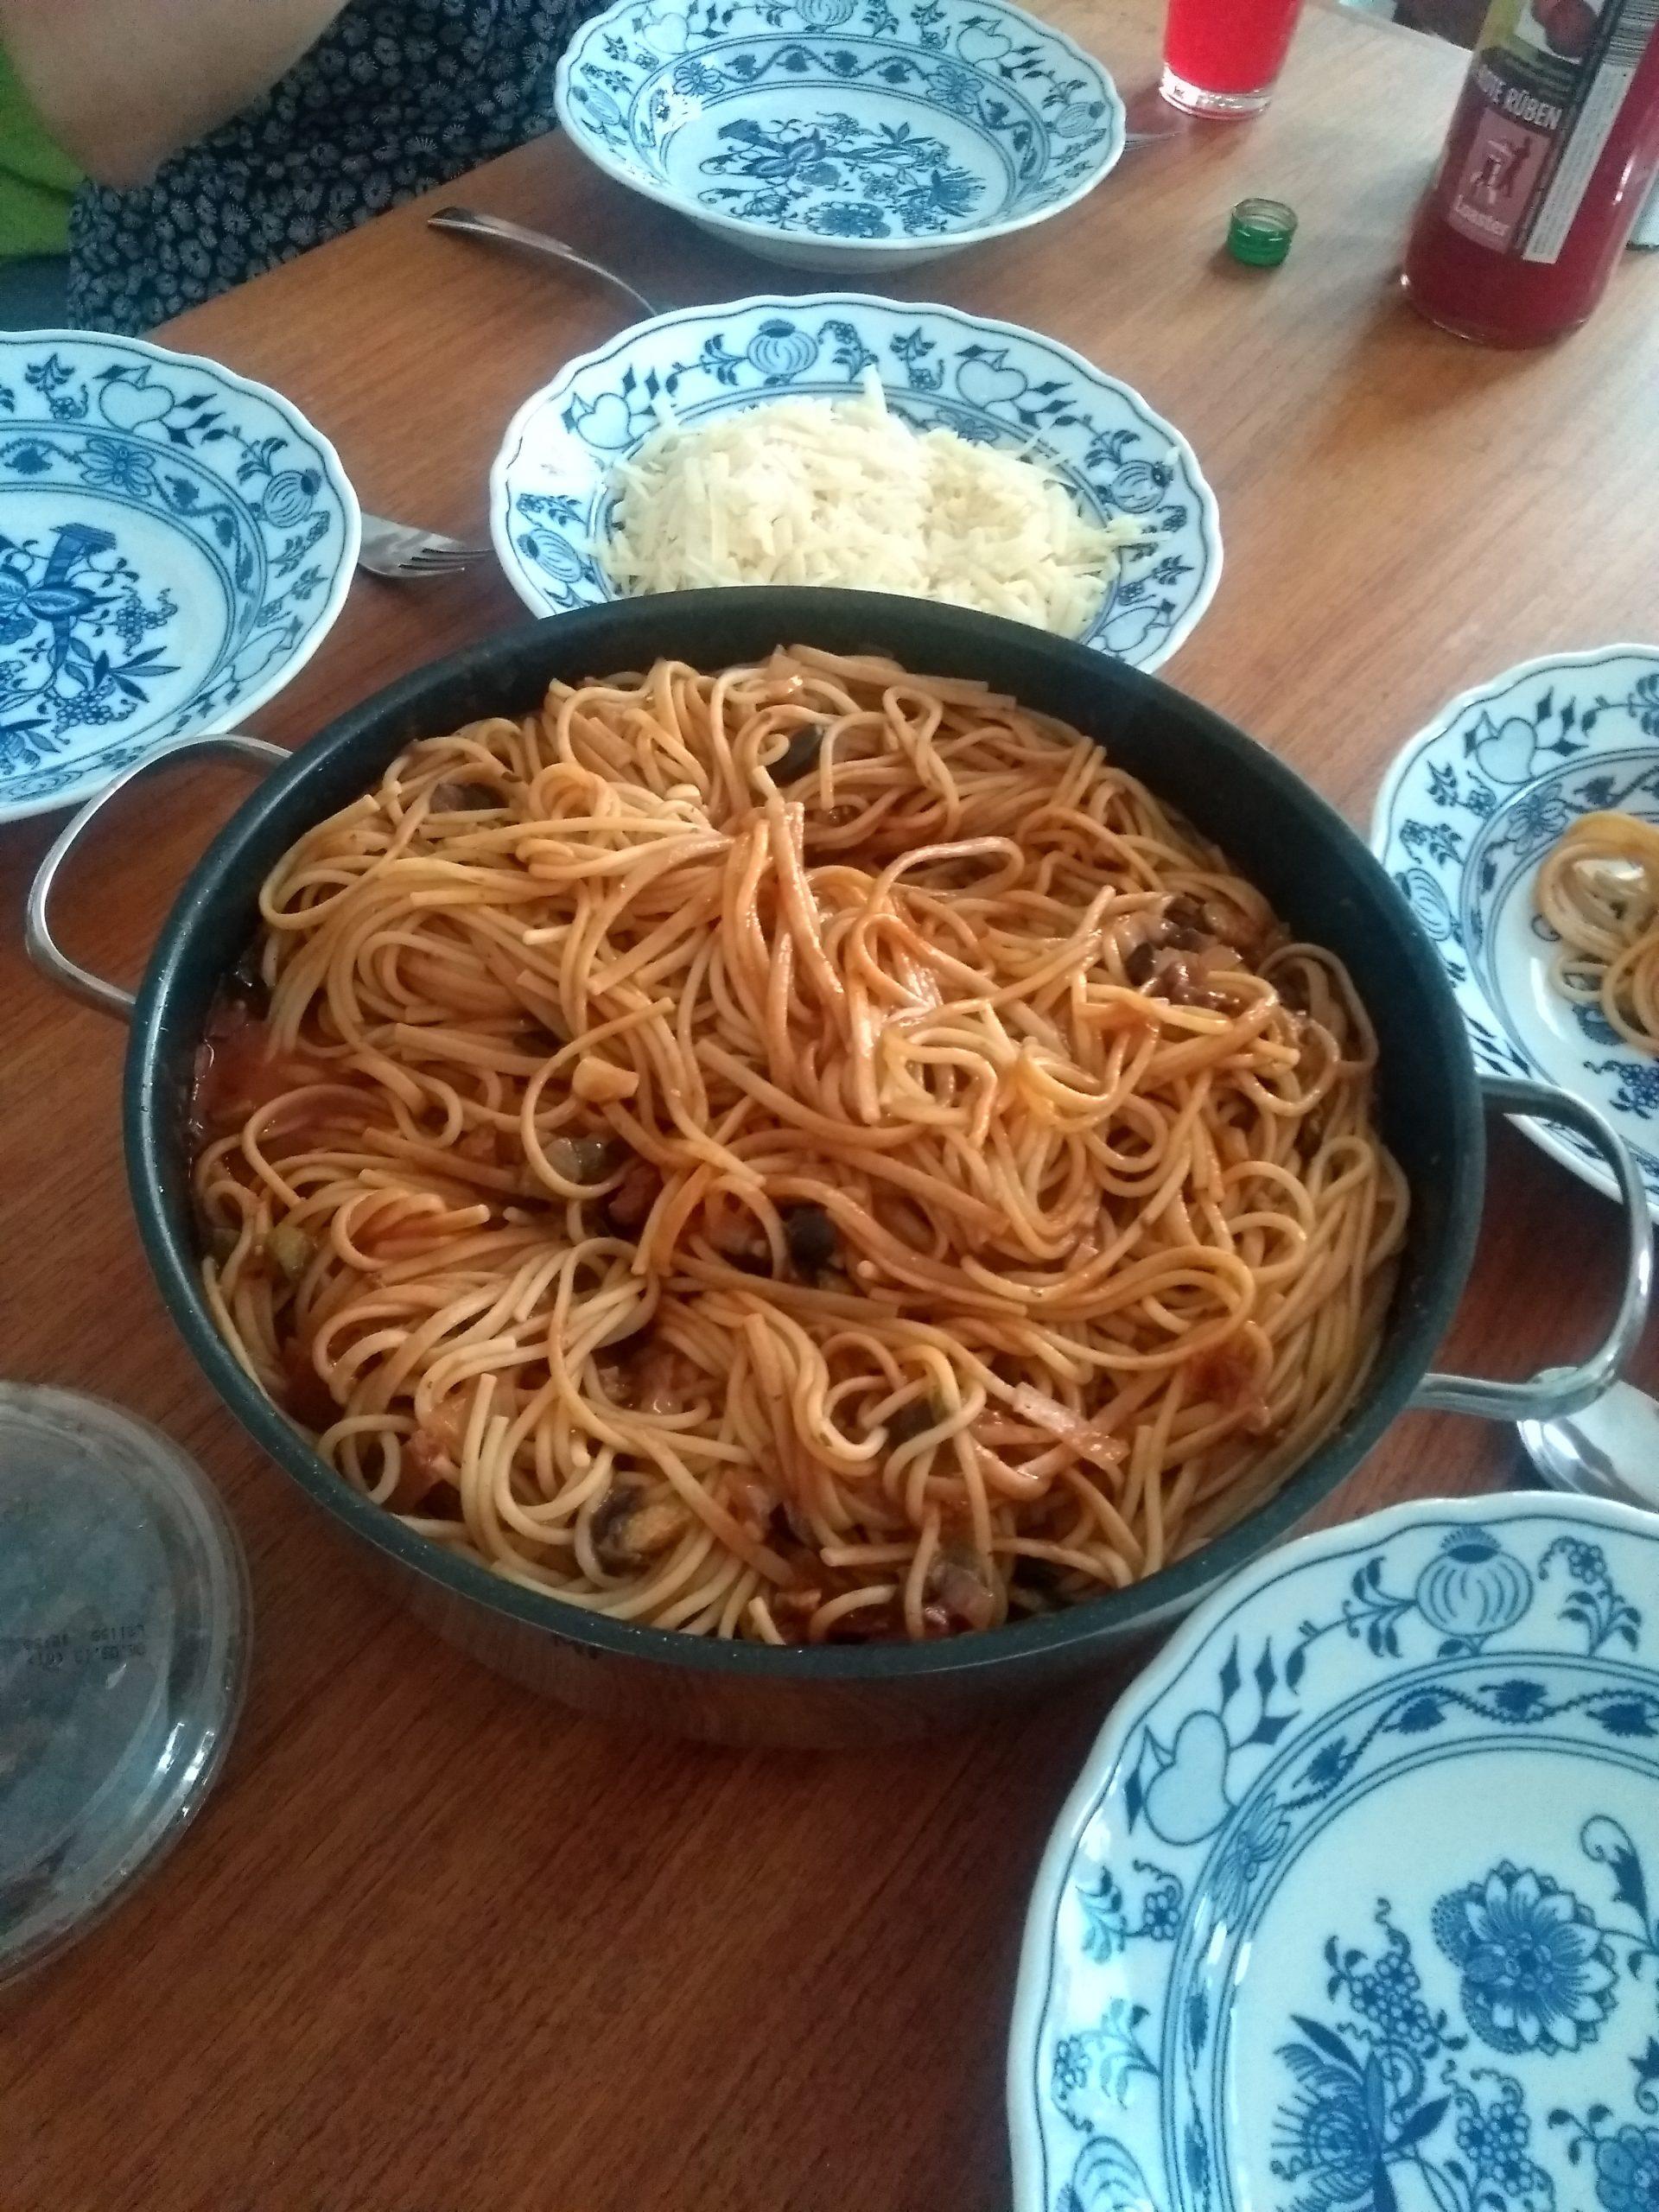 gedeckter Tisch mit Nudel-Mahlzeit